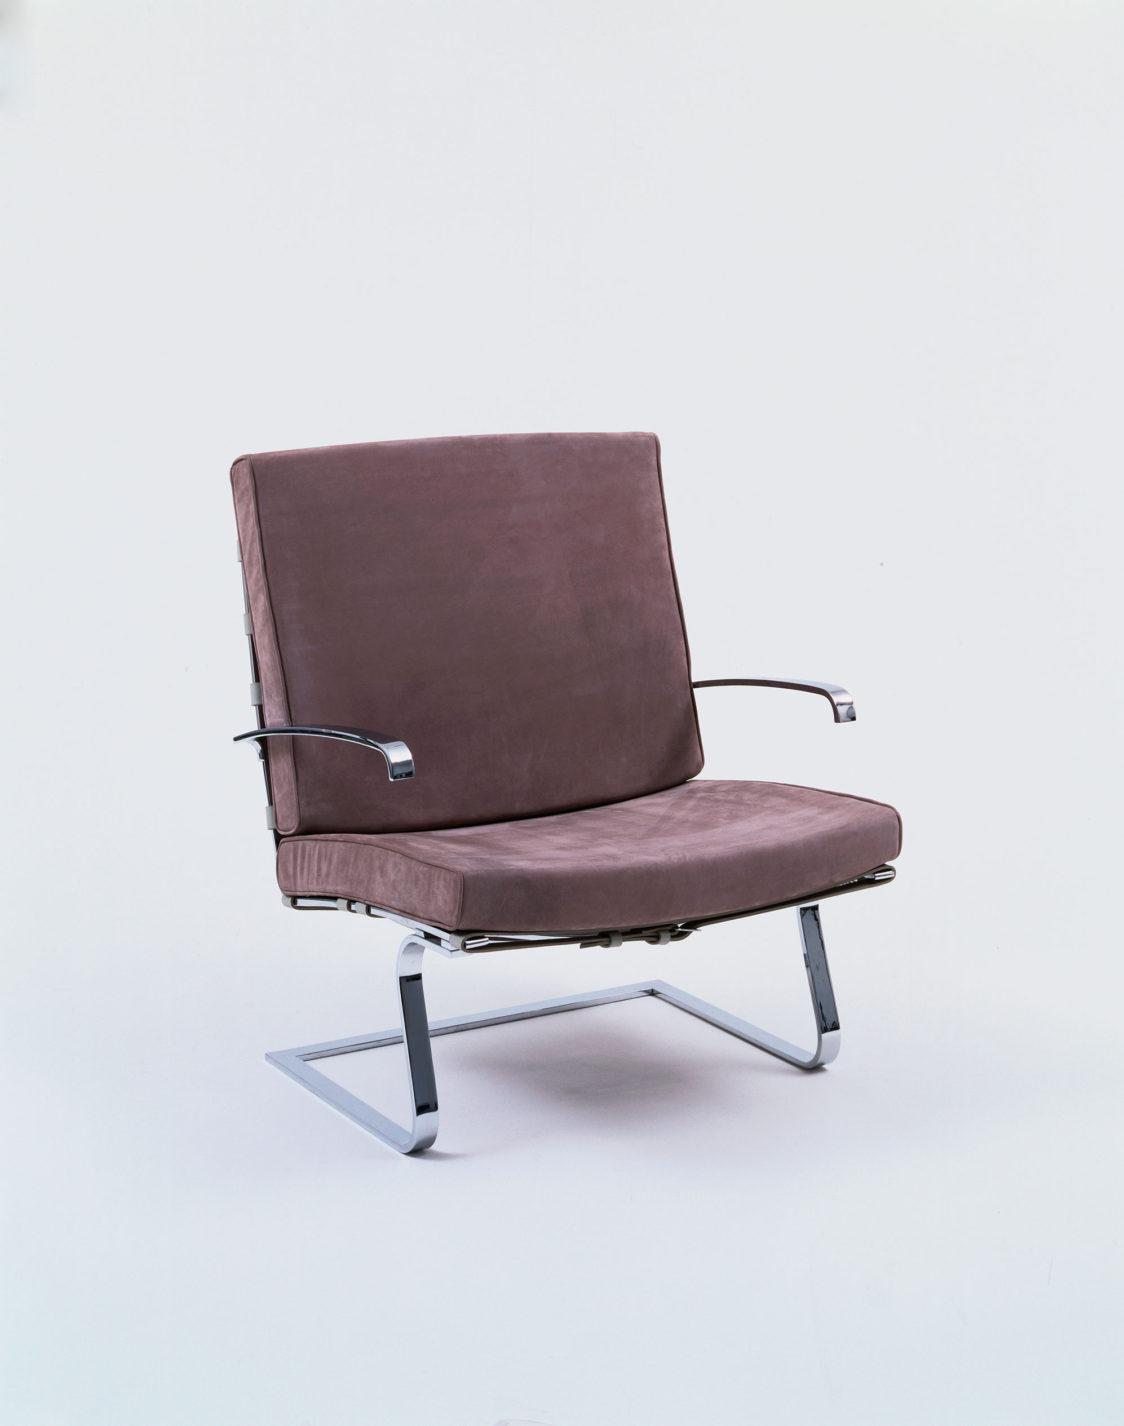 Fauteuil en porte-à-faux à piètement en lames d'acier avec coussins recouverts de cuir gris-brun pour l'assise et le dossier.